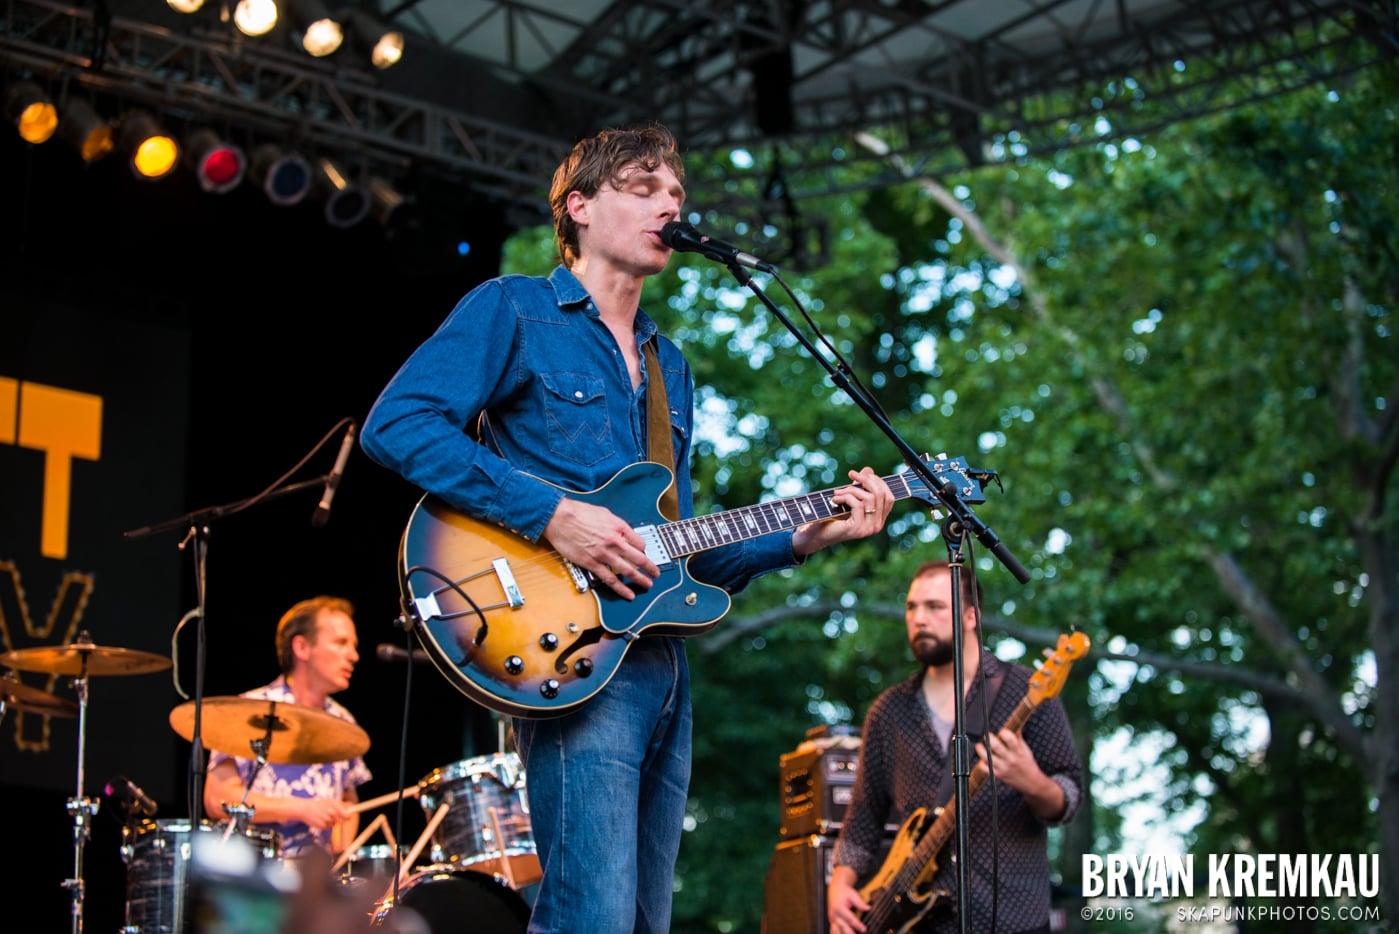 Joel Plaskett Emergency @ Central Park Summer Stage, NYC - 6.29.13 (3)